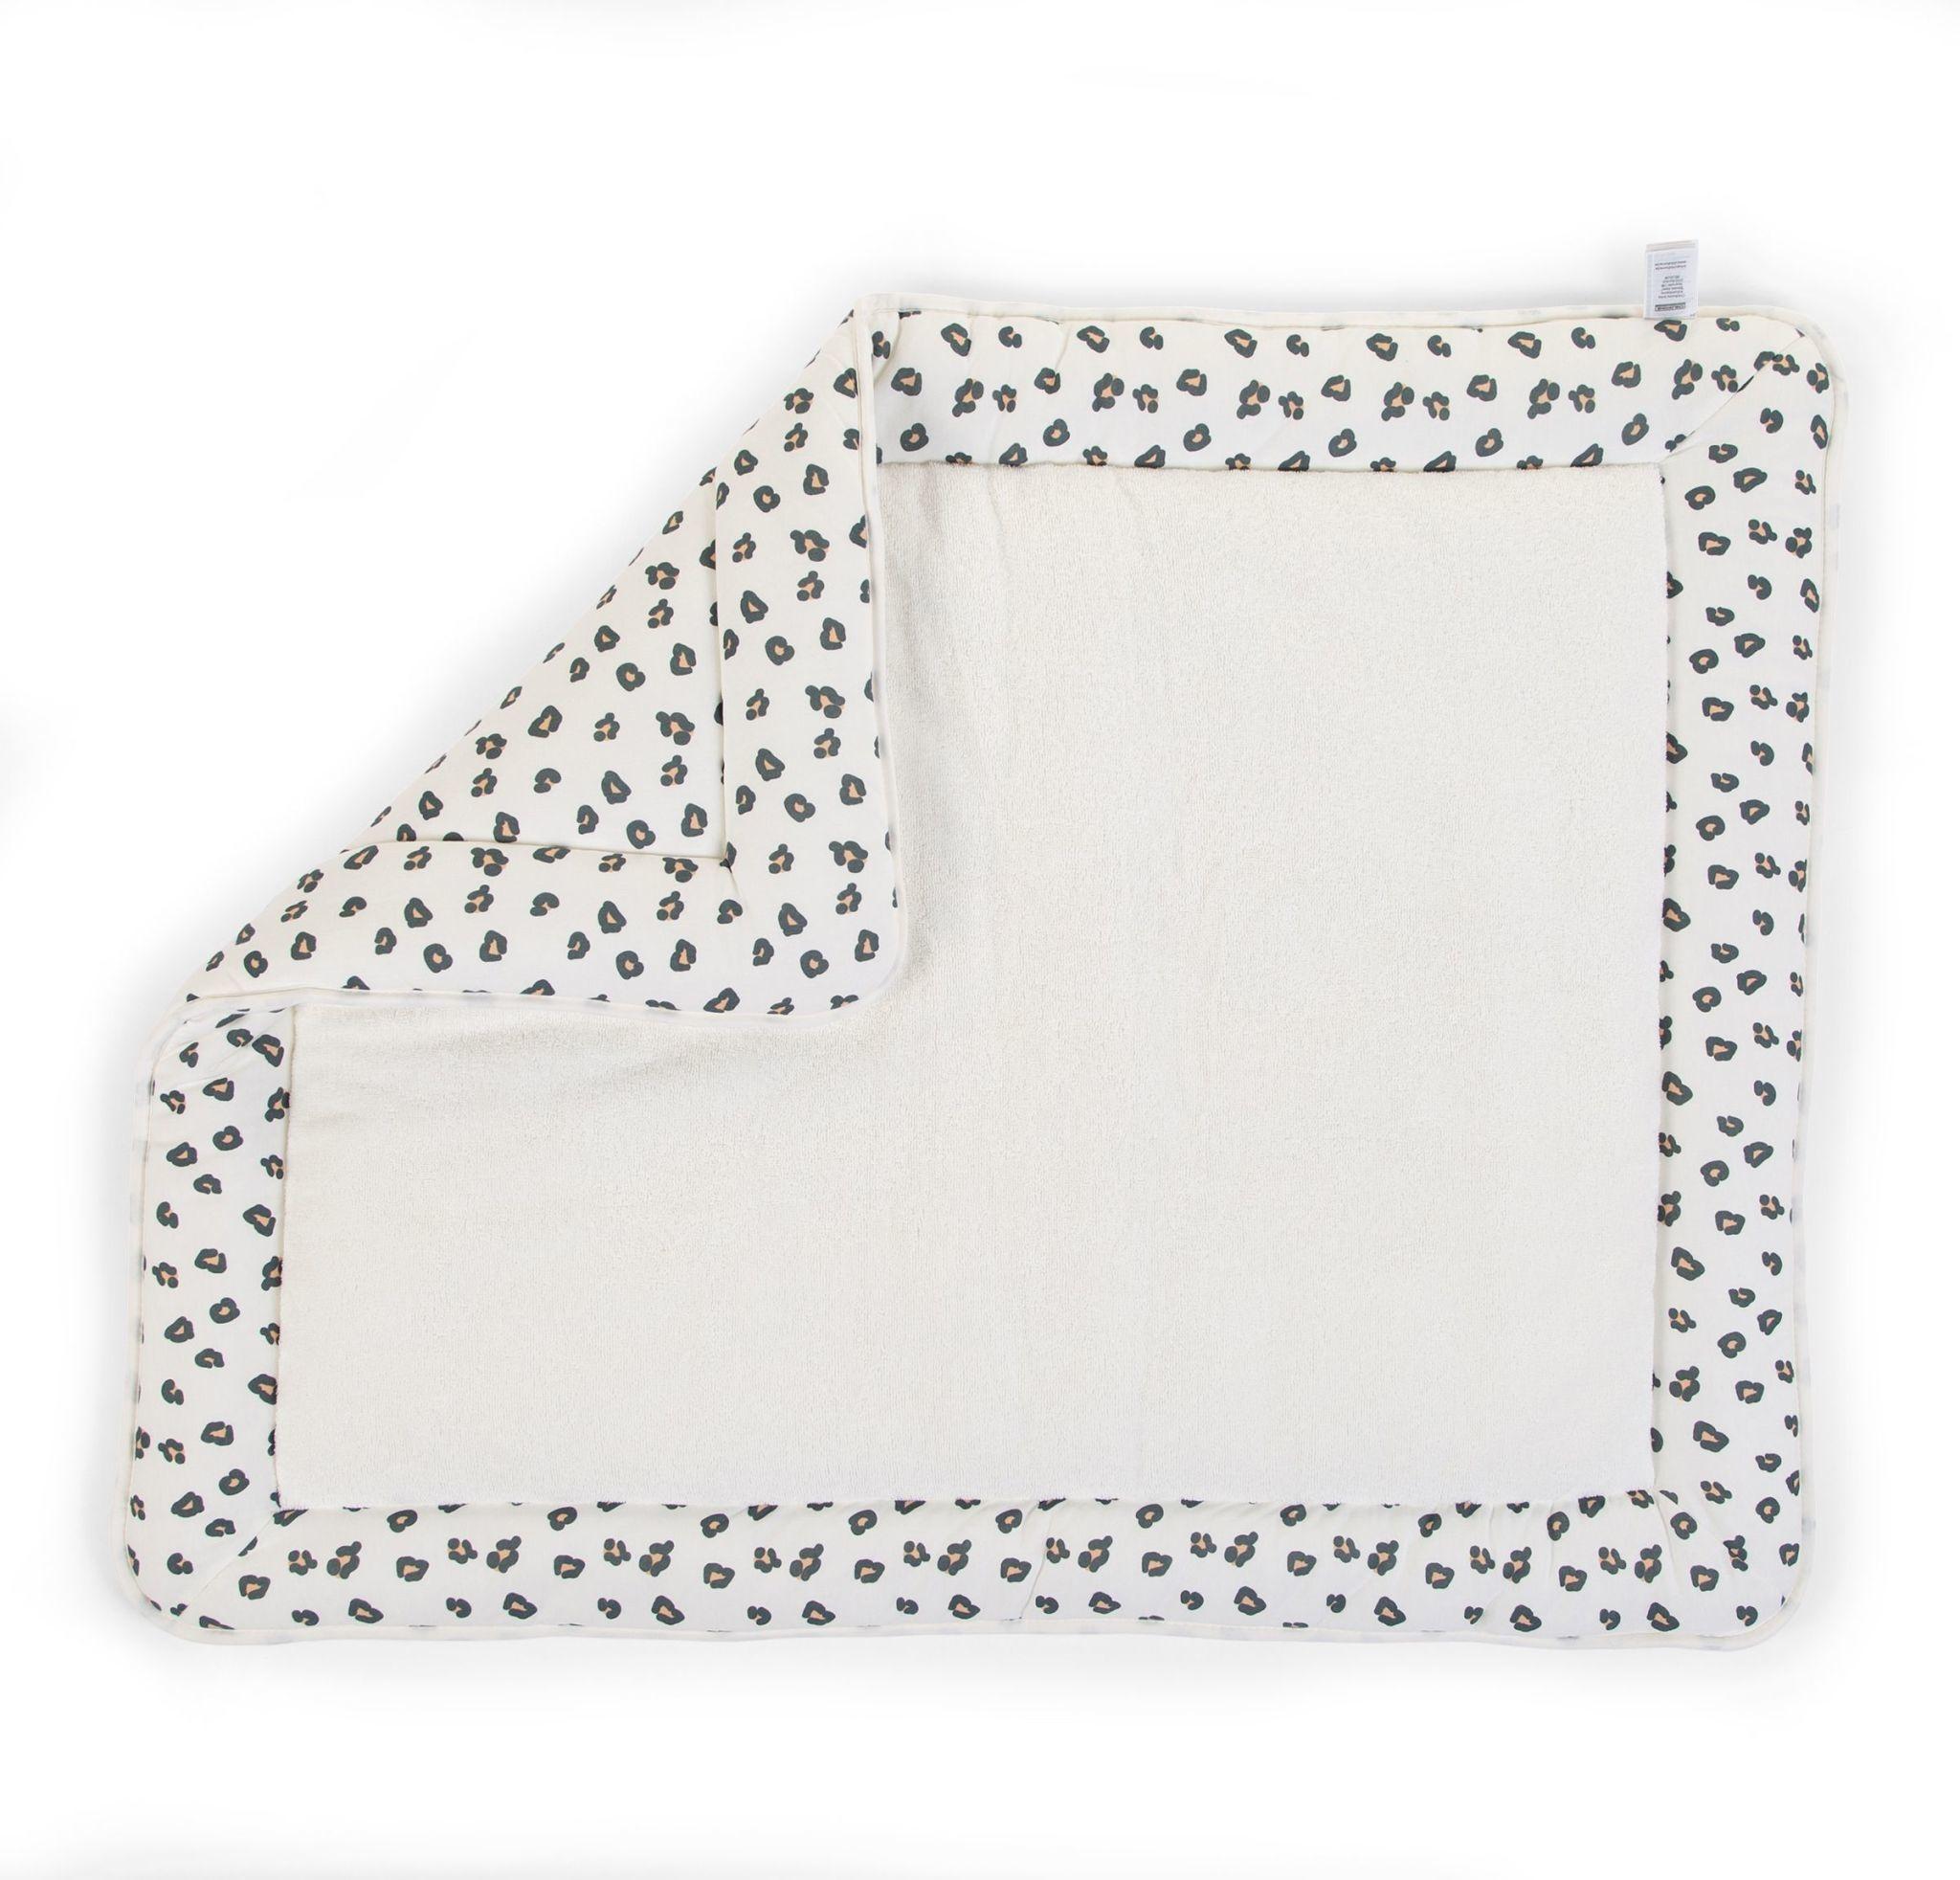 childhome tapis pour parc 75x95 jersey leopard